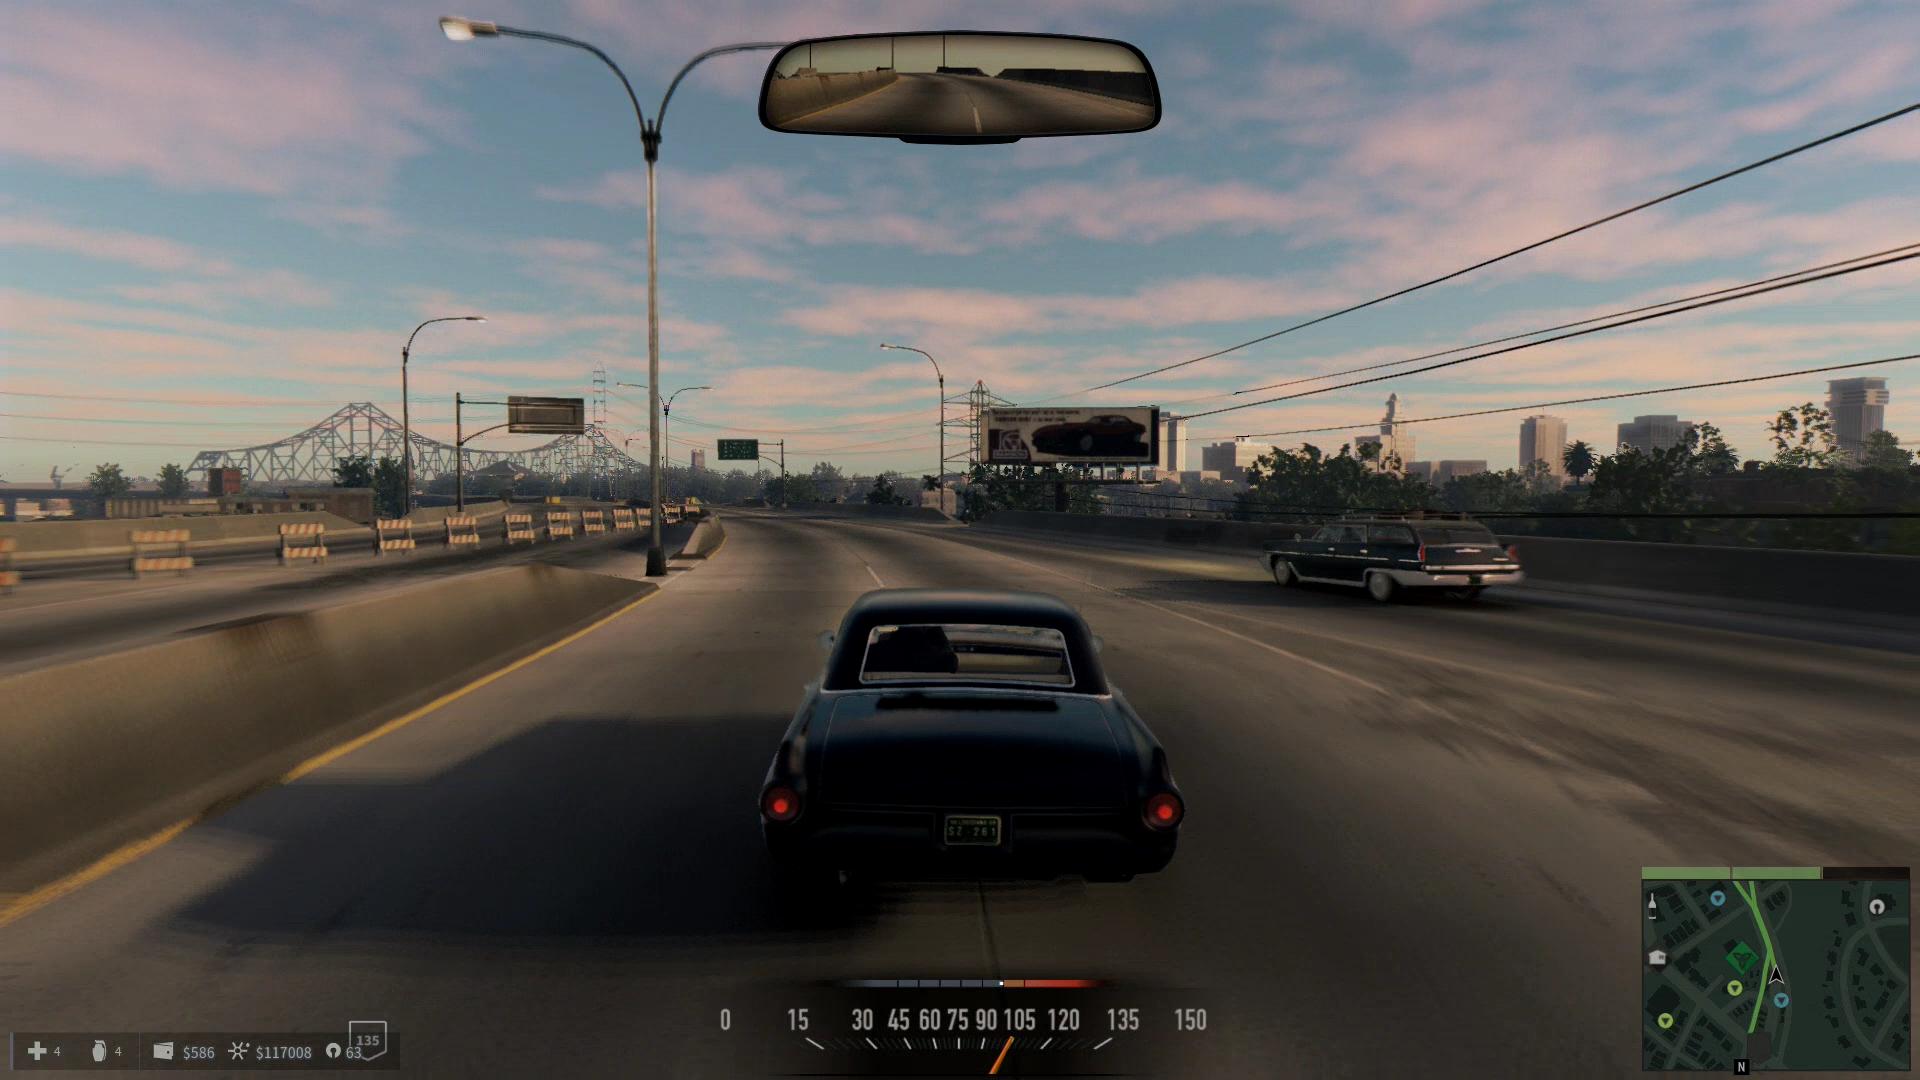 高速道路上は、手持ちの車の最高速度をチェックしたりする用途にも利用できるおススメのコースと言えるな